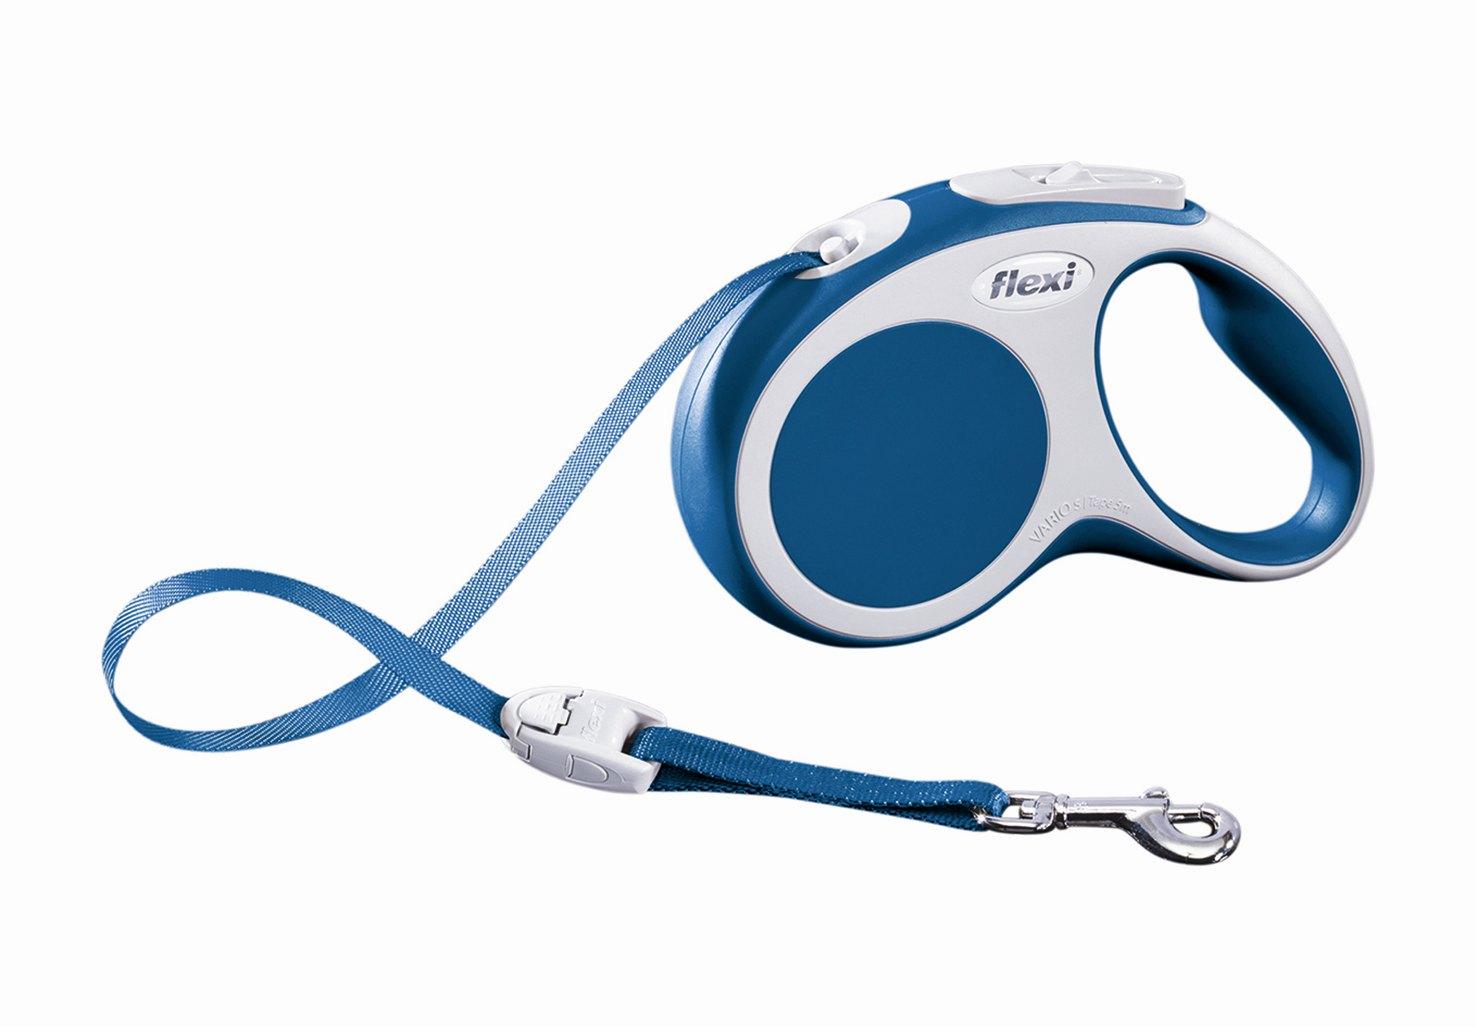 Поводок-рулетка Flexi Vario Compact S для собак до 15 кг, цвет: синий, 5 м поводок рулетка triol colour dog длина 5 м размер s